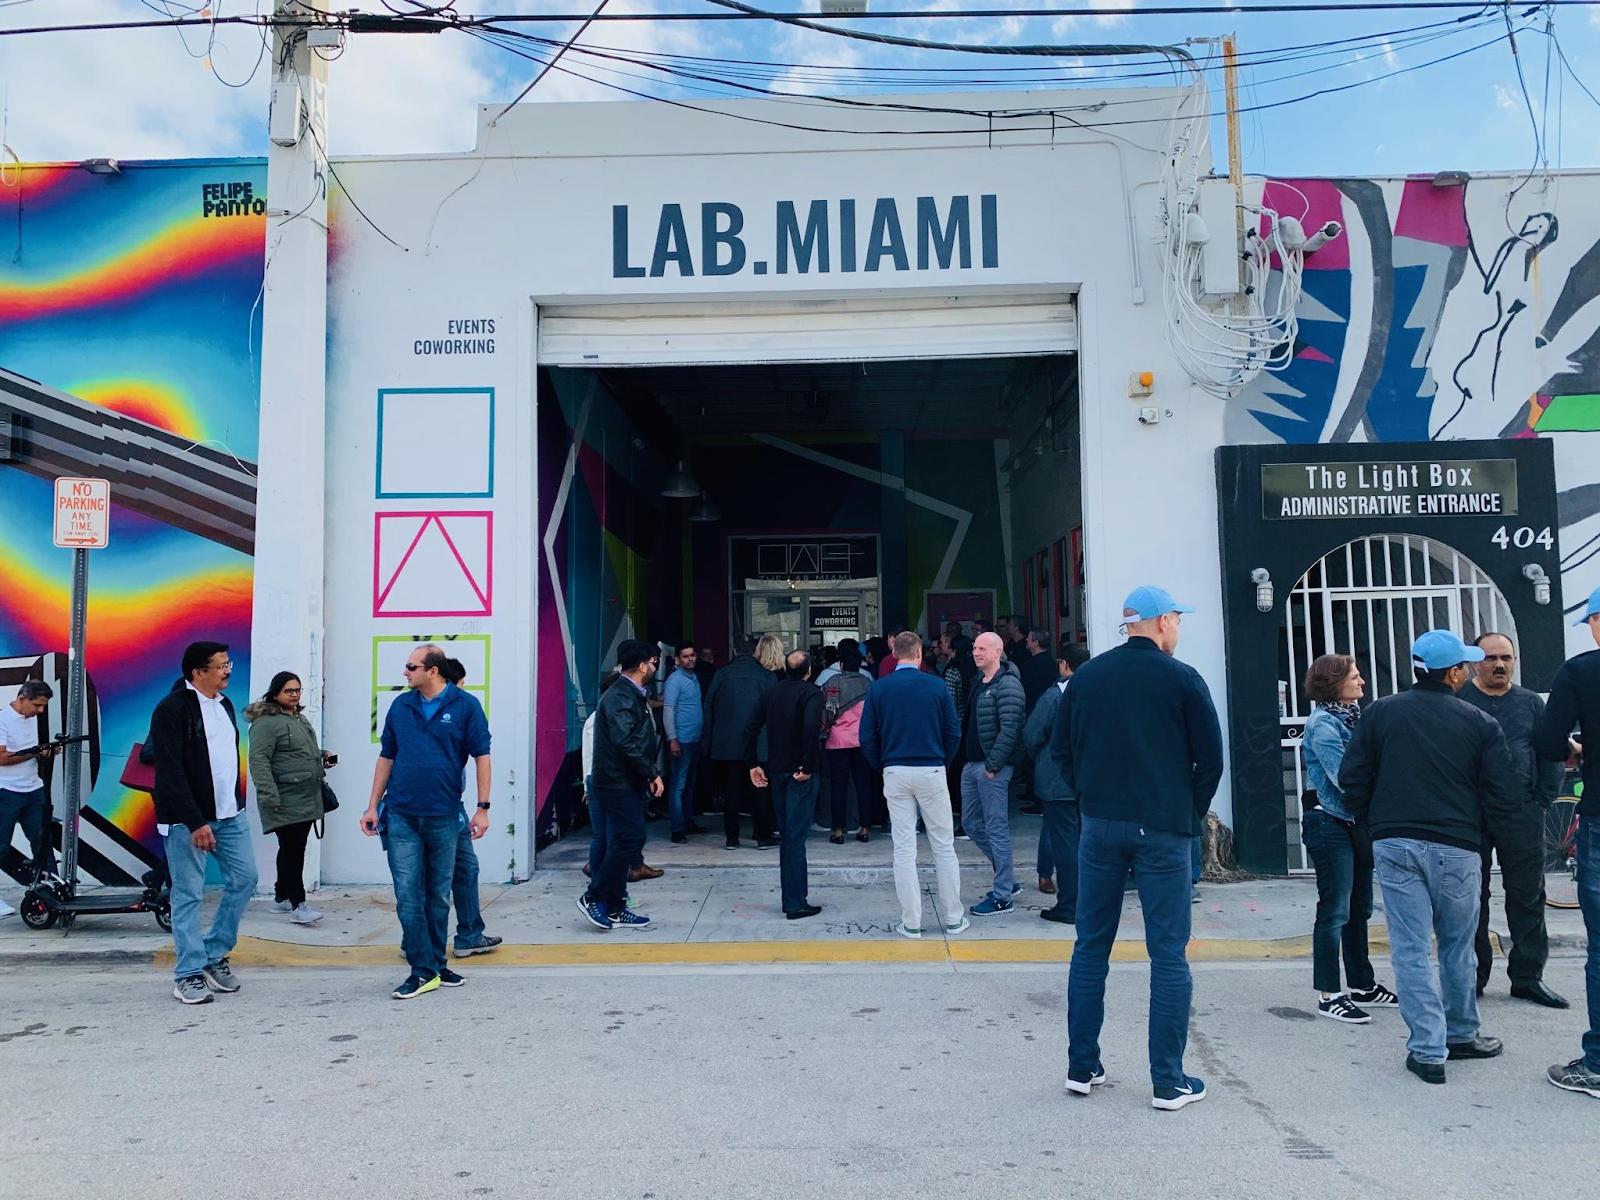 LAB Miami